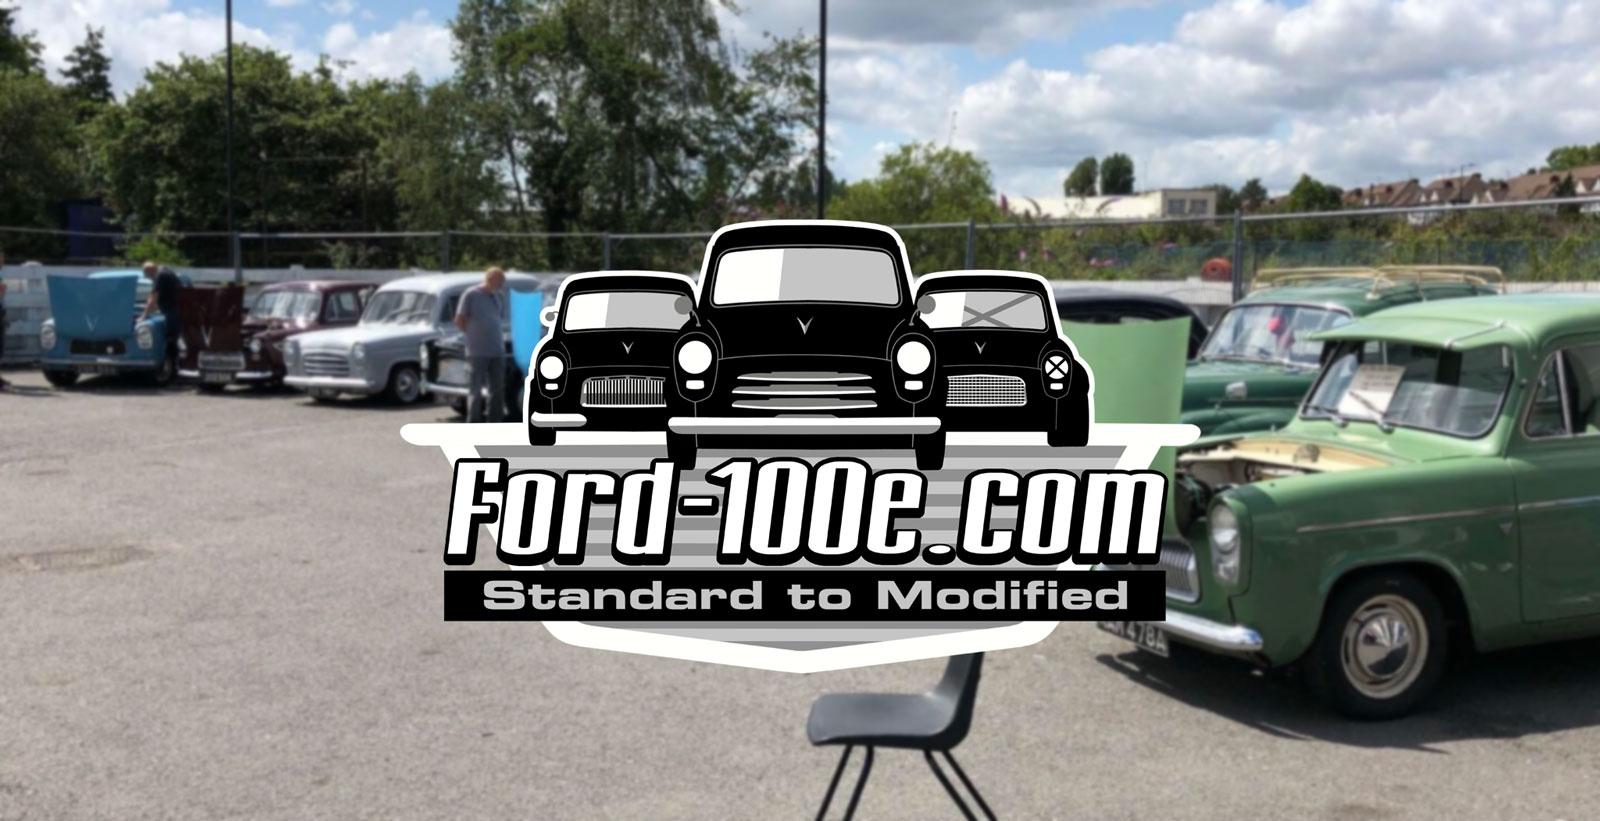 Spotlight On: Ford-100e.com